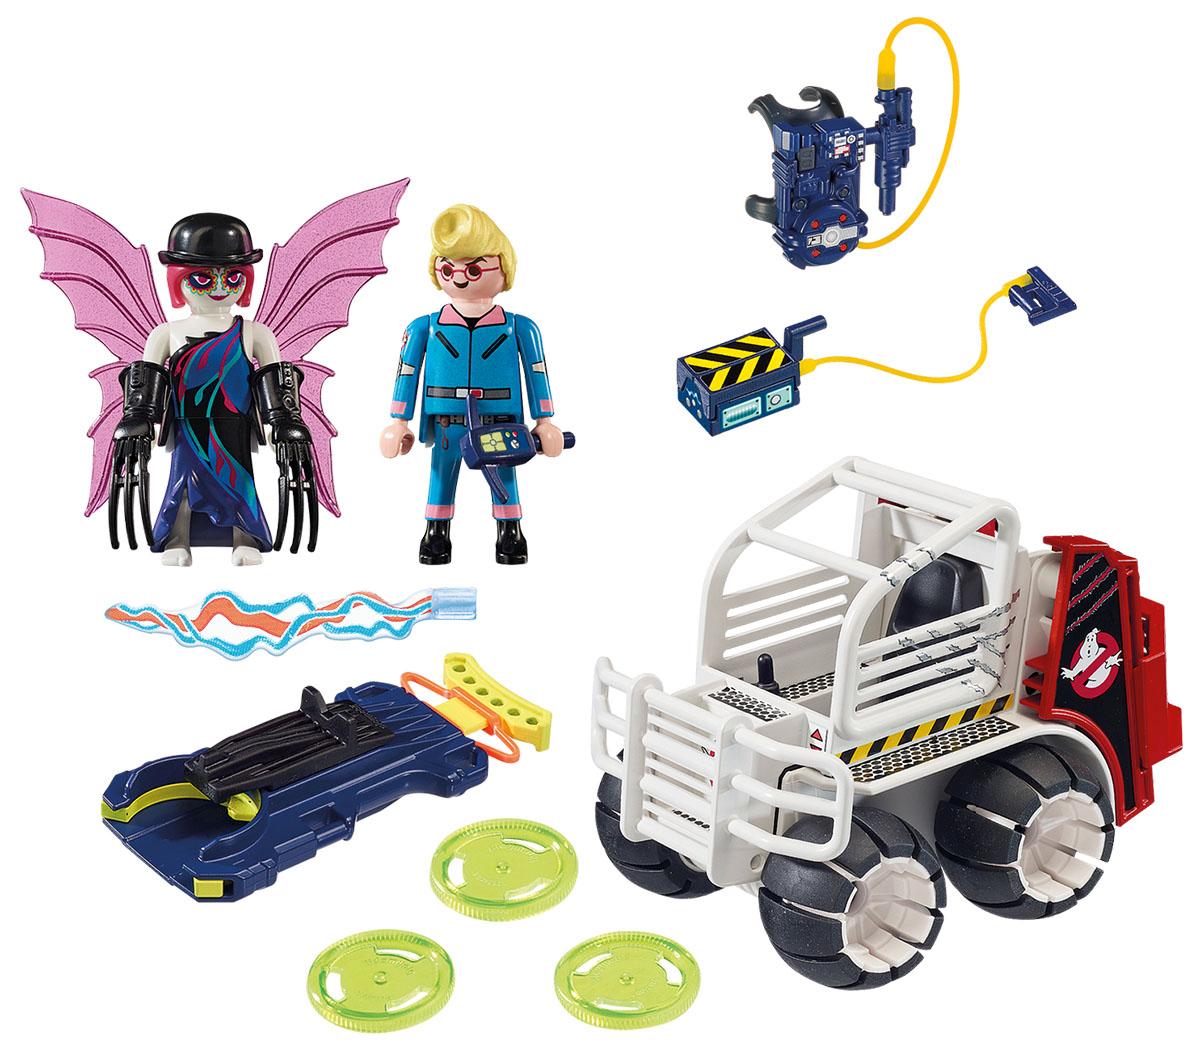 Playmobil Игровой набор Охотники за привидениями Спенглер с клеткой-автомобилем playmobil спасатели с носилками